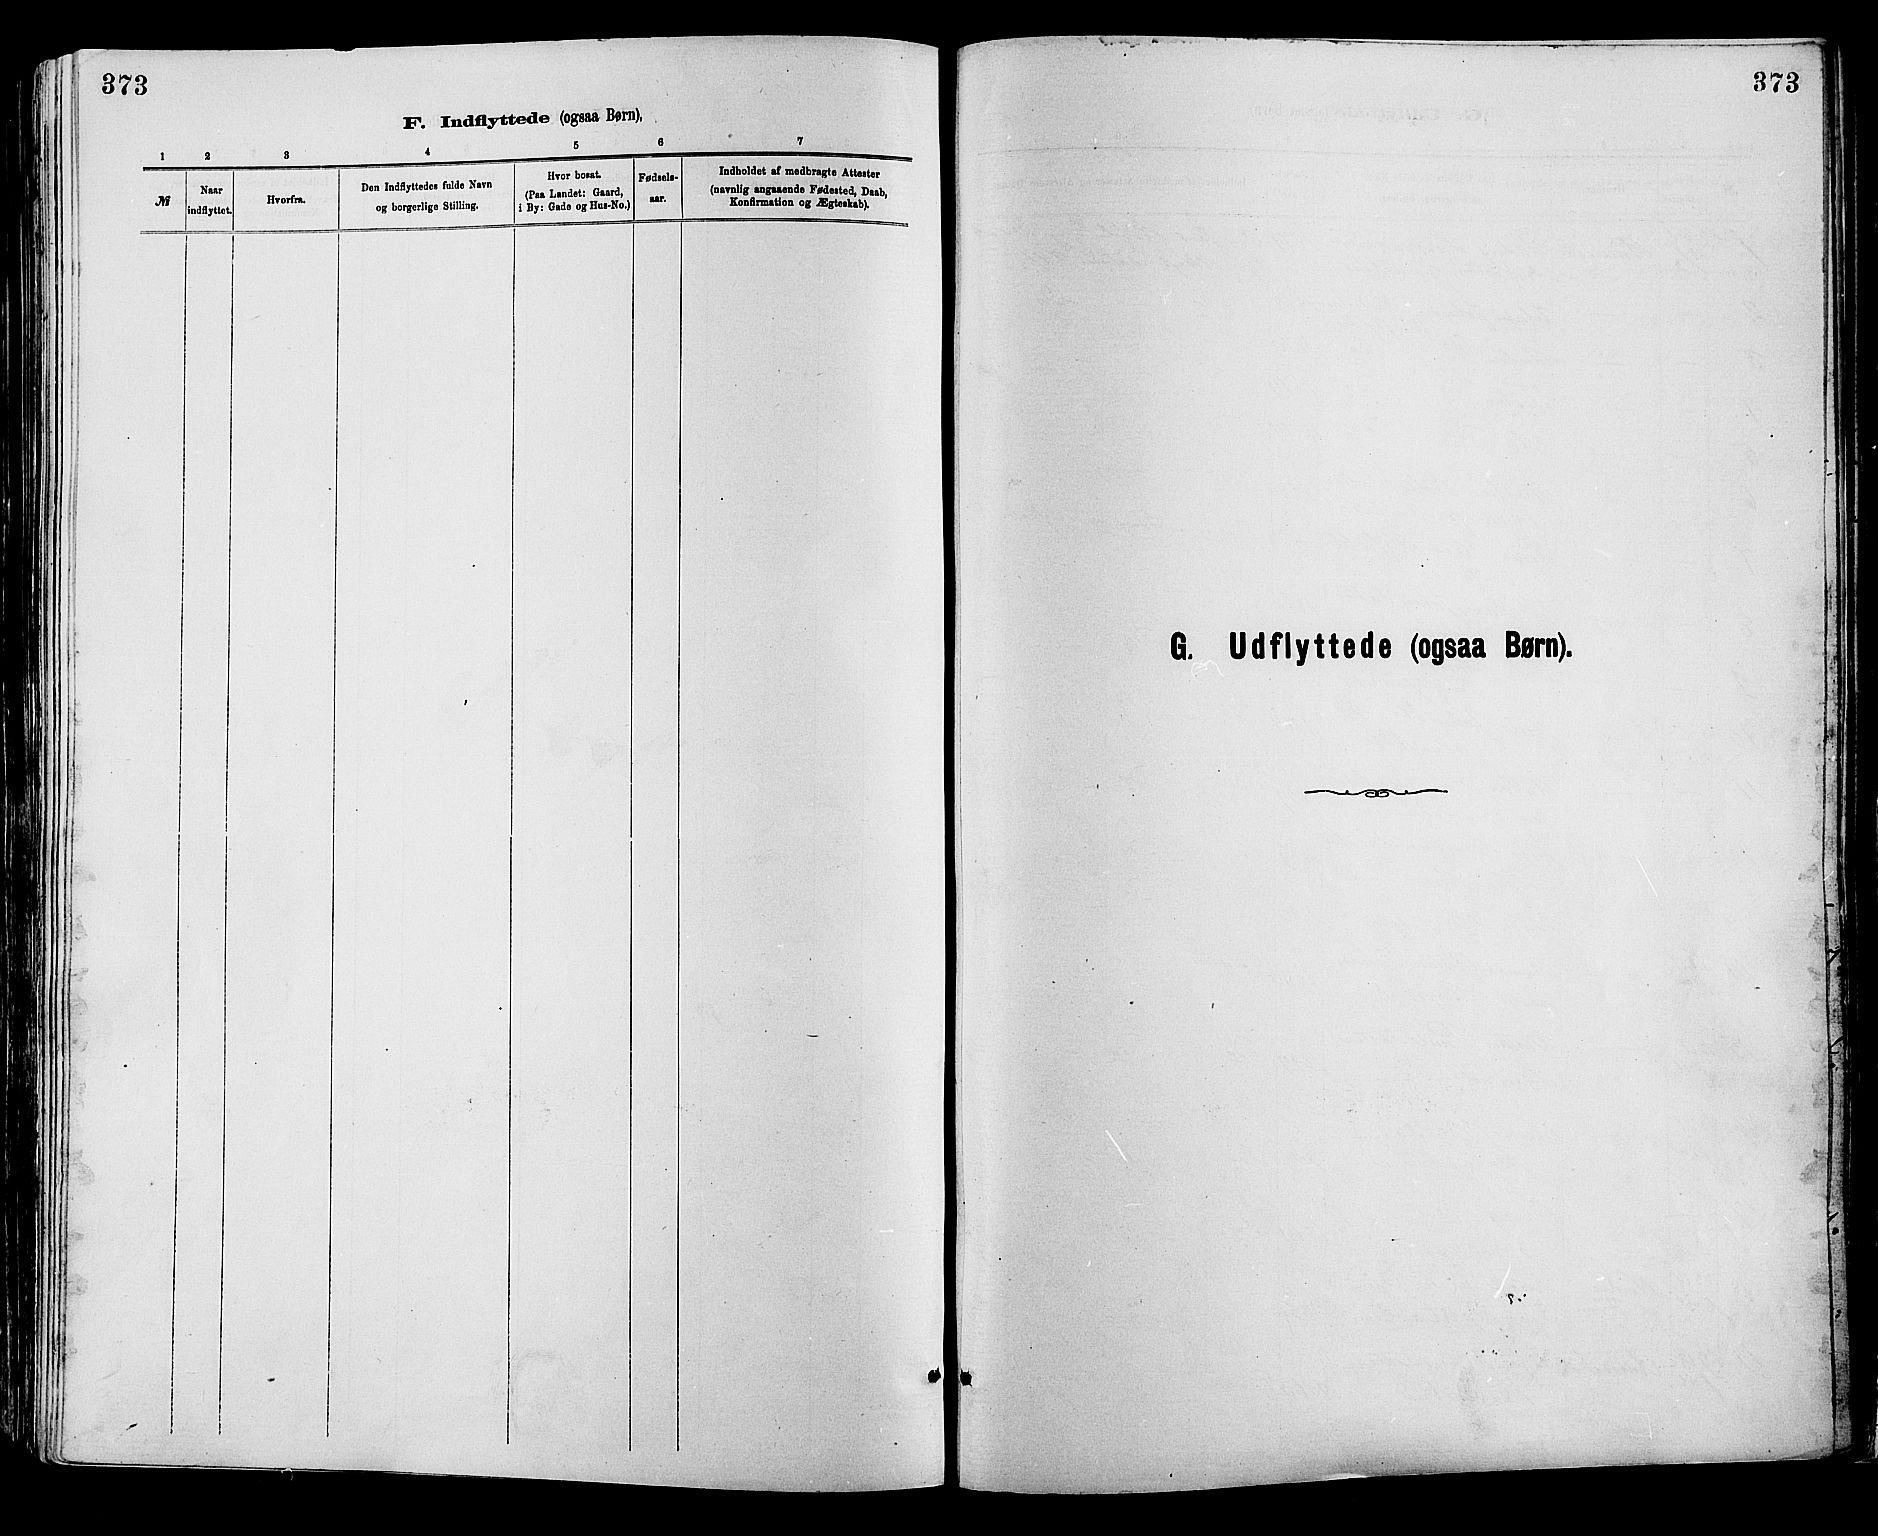 SAH, Sør-Fron prestekontor, H/Ha/Haa/L0003: Ministerialbok nr. 3, 1881-1897, s. 373